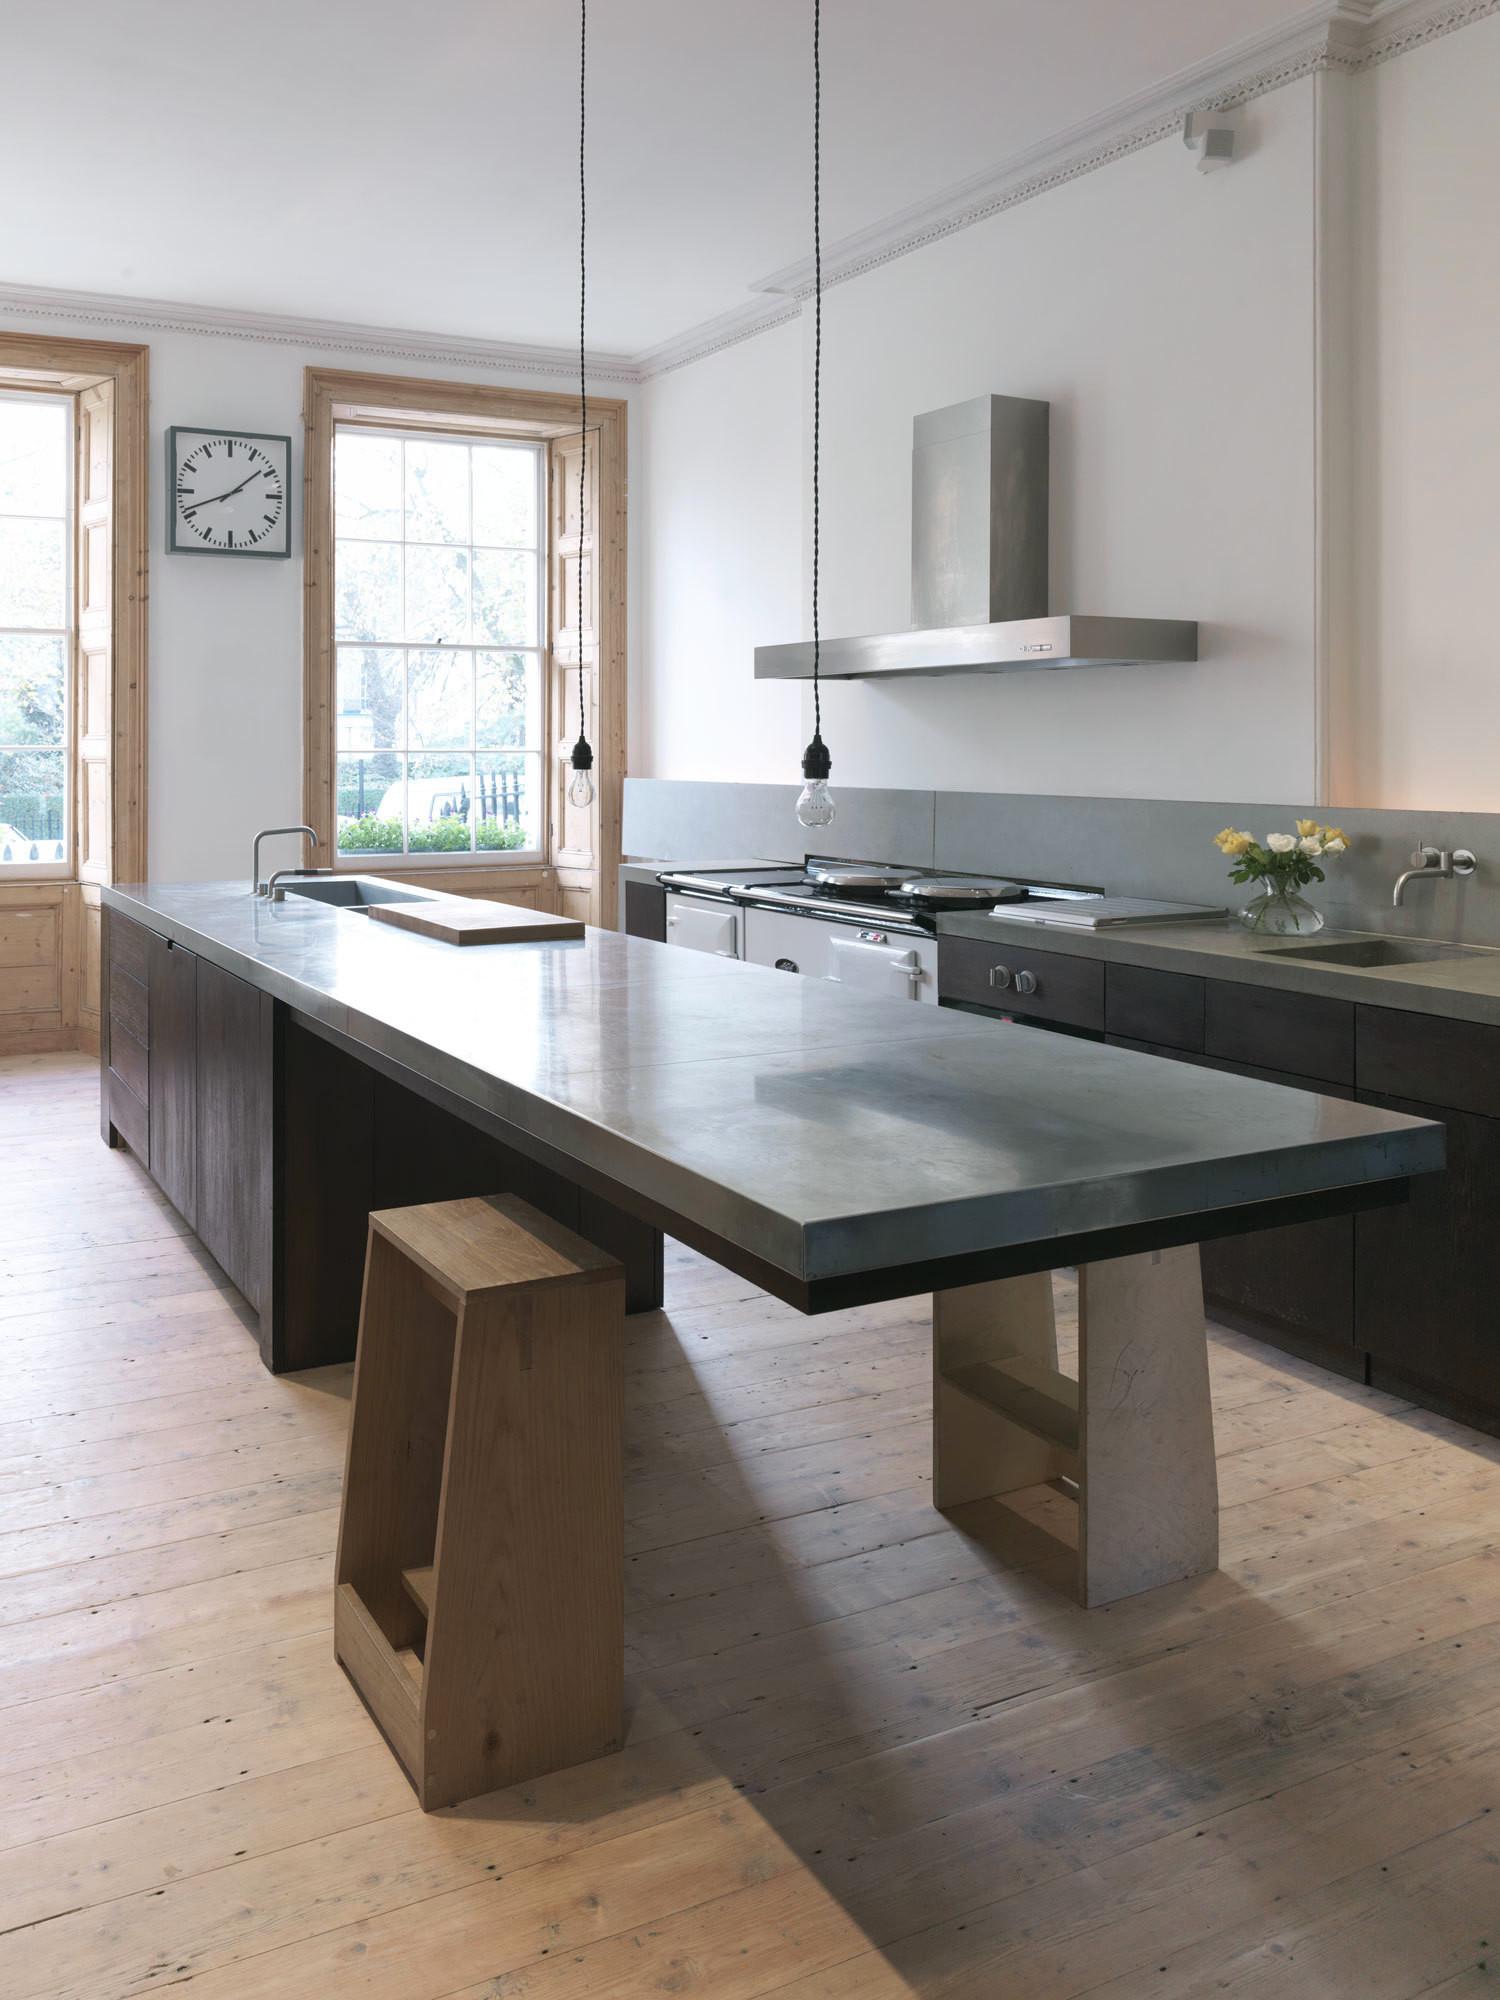 Marylebone-House-just3ds.com-2